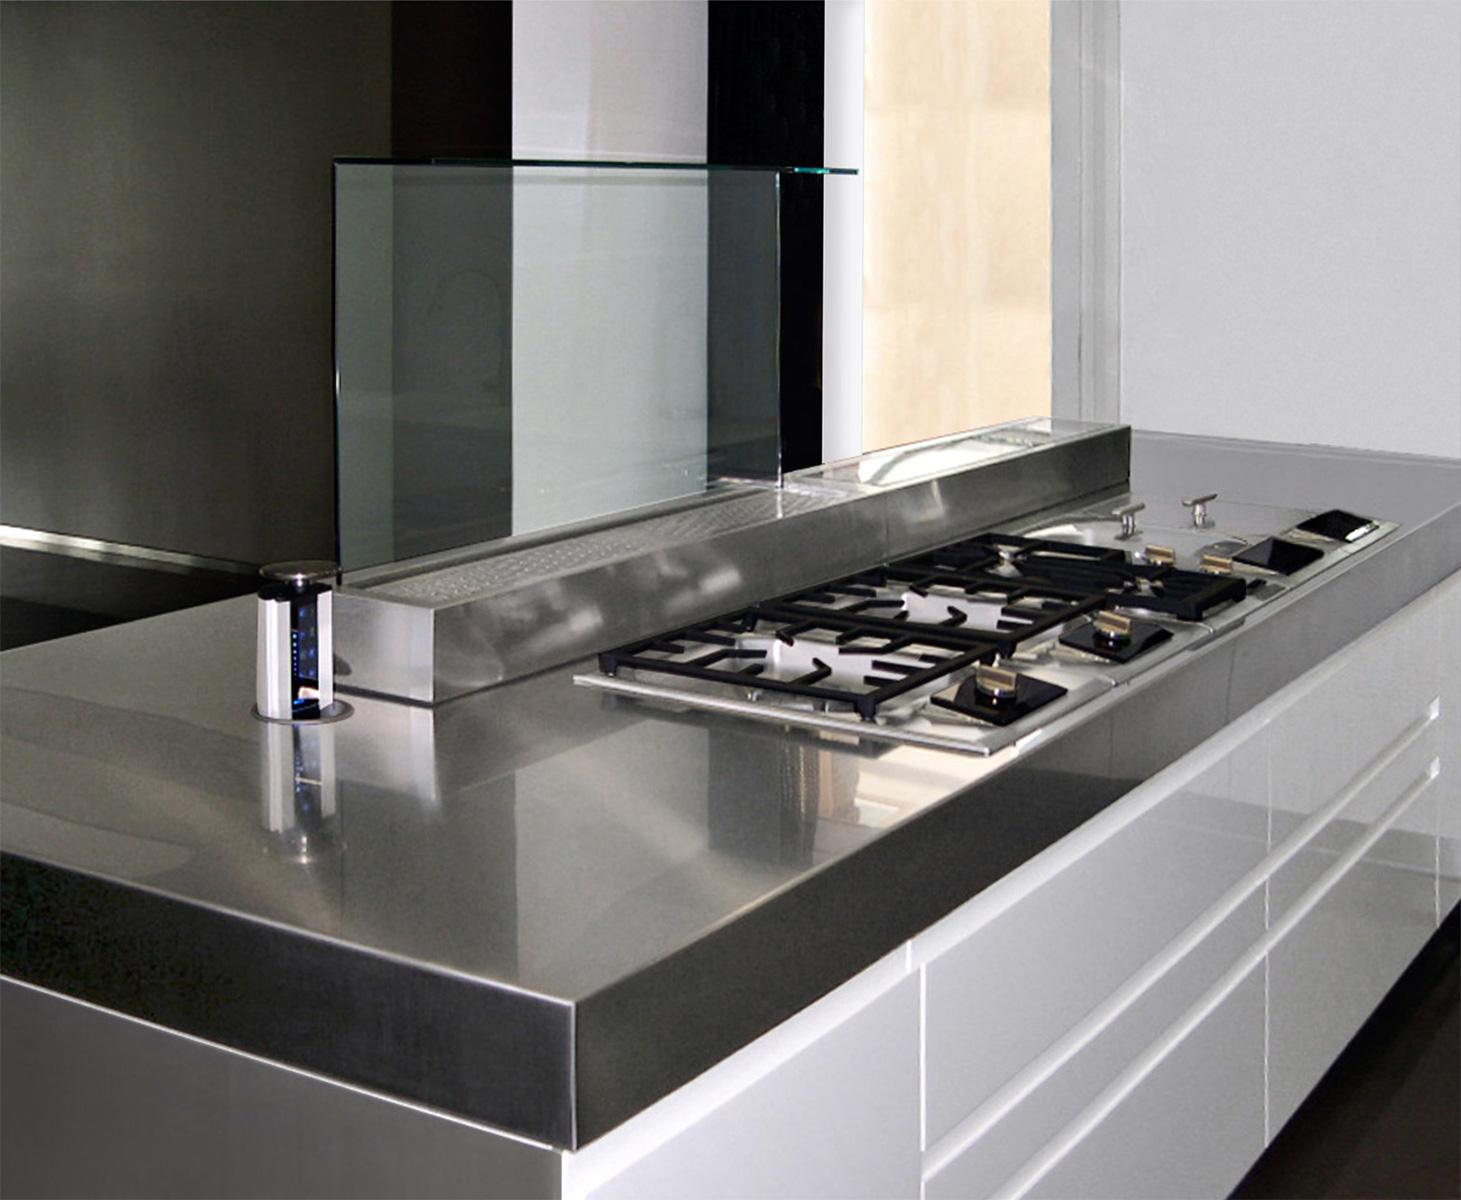 Piano Cucina Acciaio - Idee Per La Casa - Douglasfalls.com